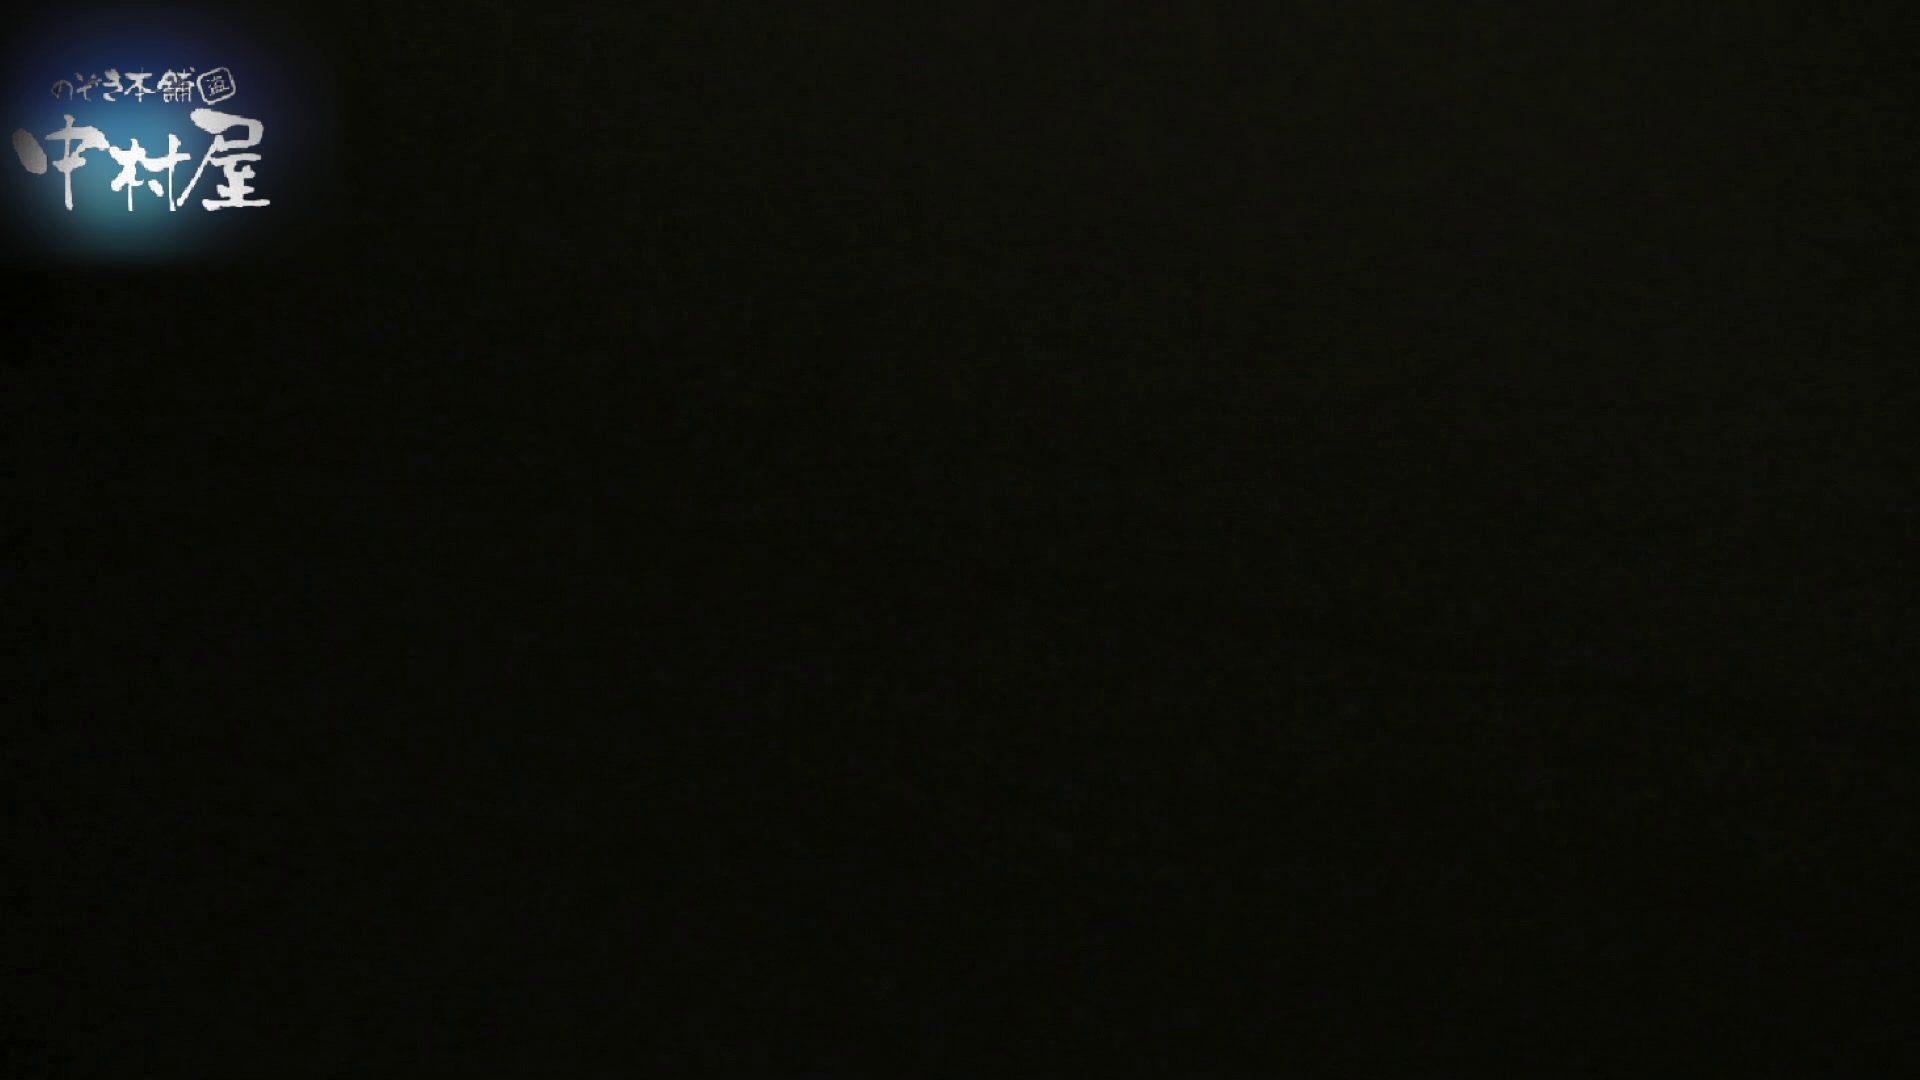 乙女集まる!ショッピングモール潜入撮vol.06 乙女 ぱこり動画紹介 108連発 71